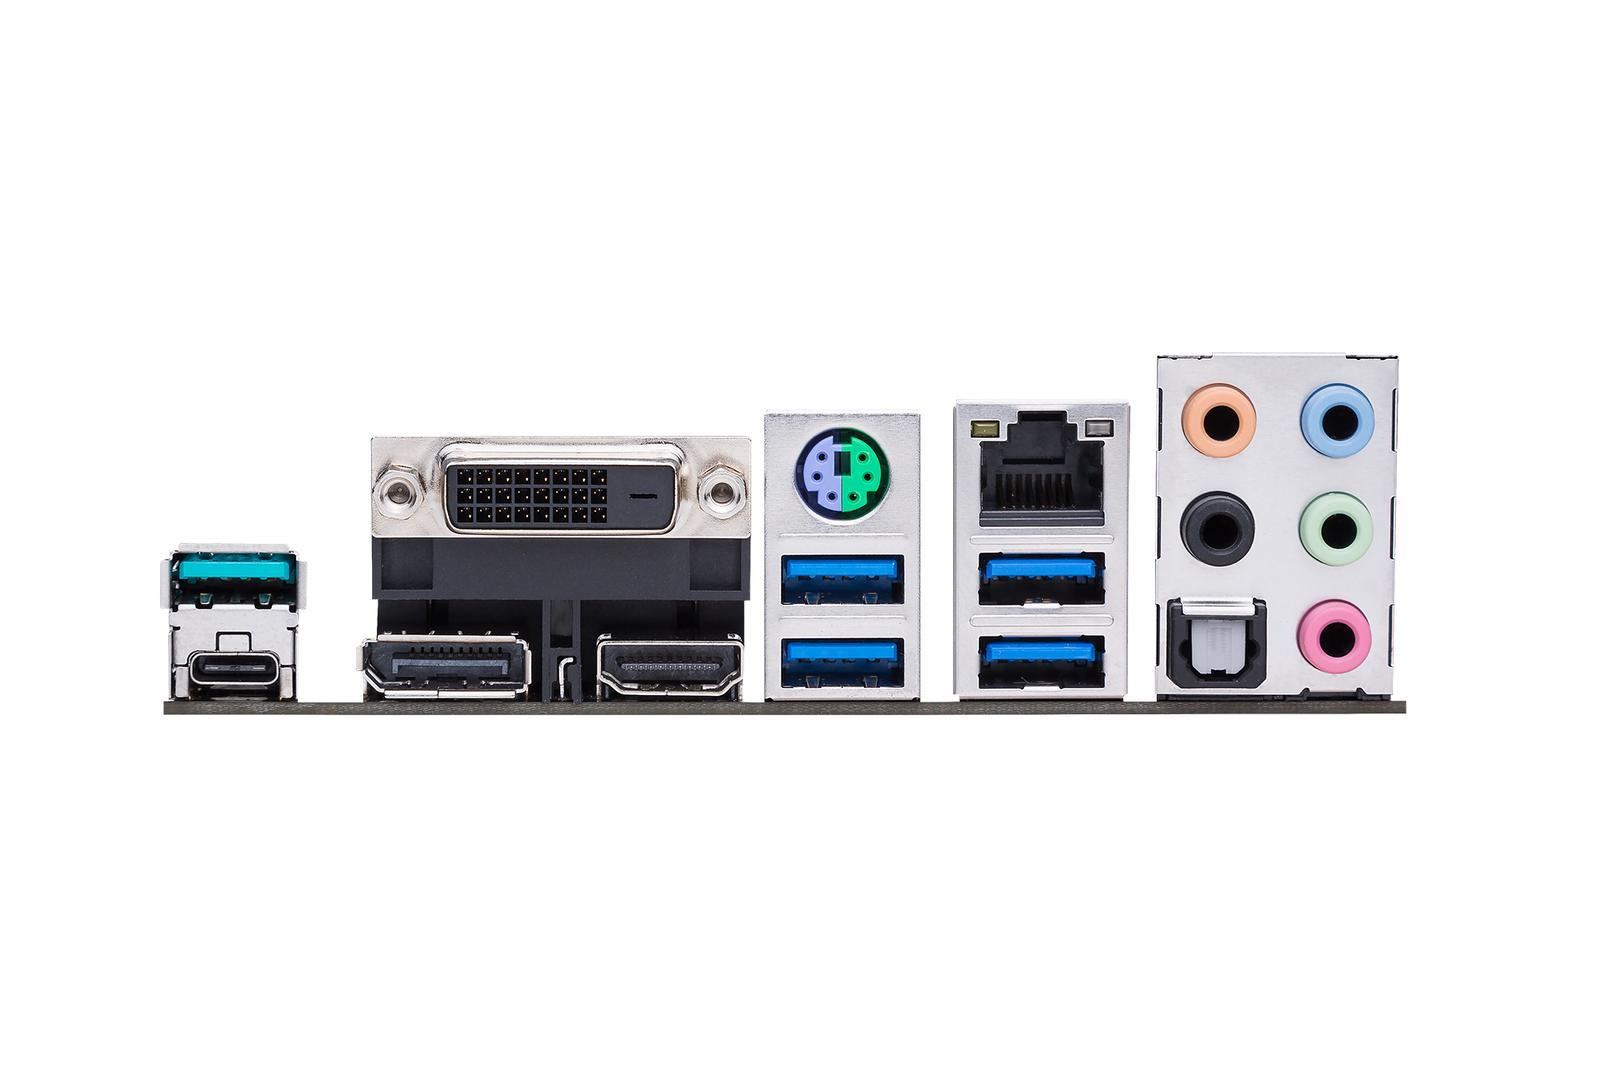 Asus PRIME Z270-A ATX LGA1151 Motherboard